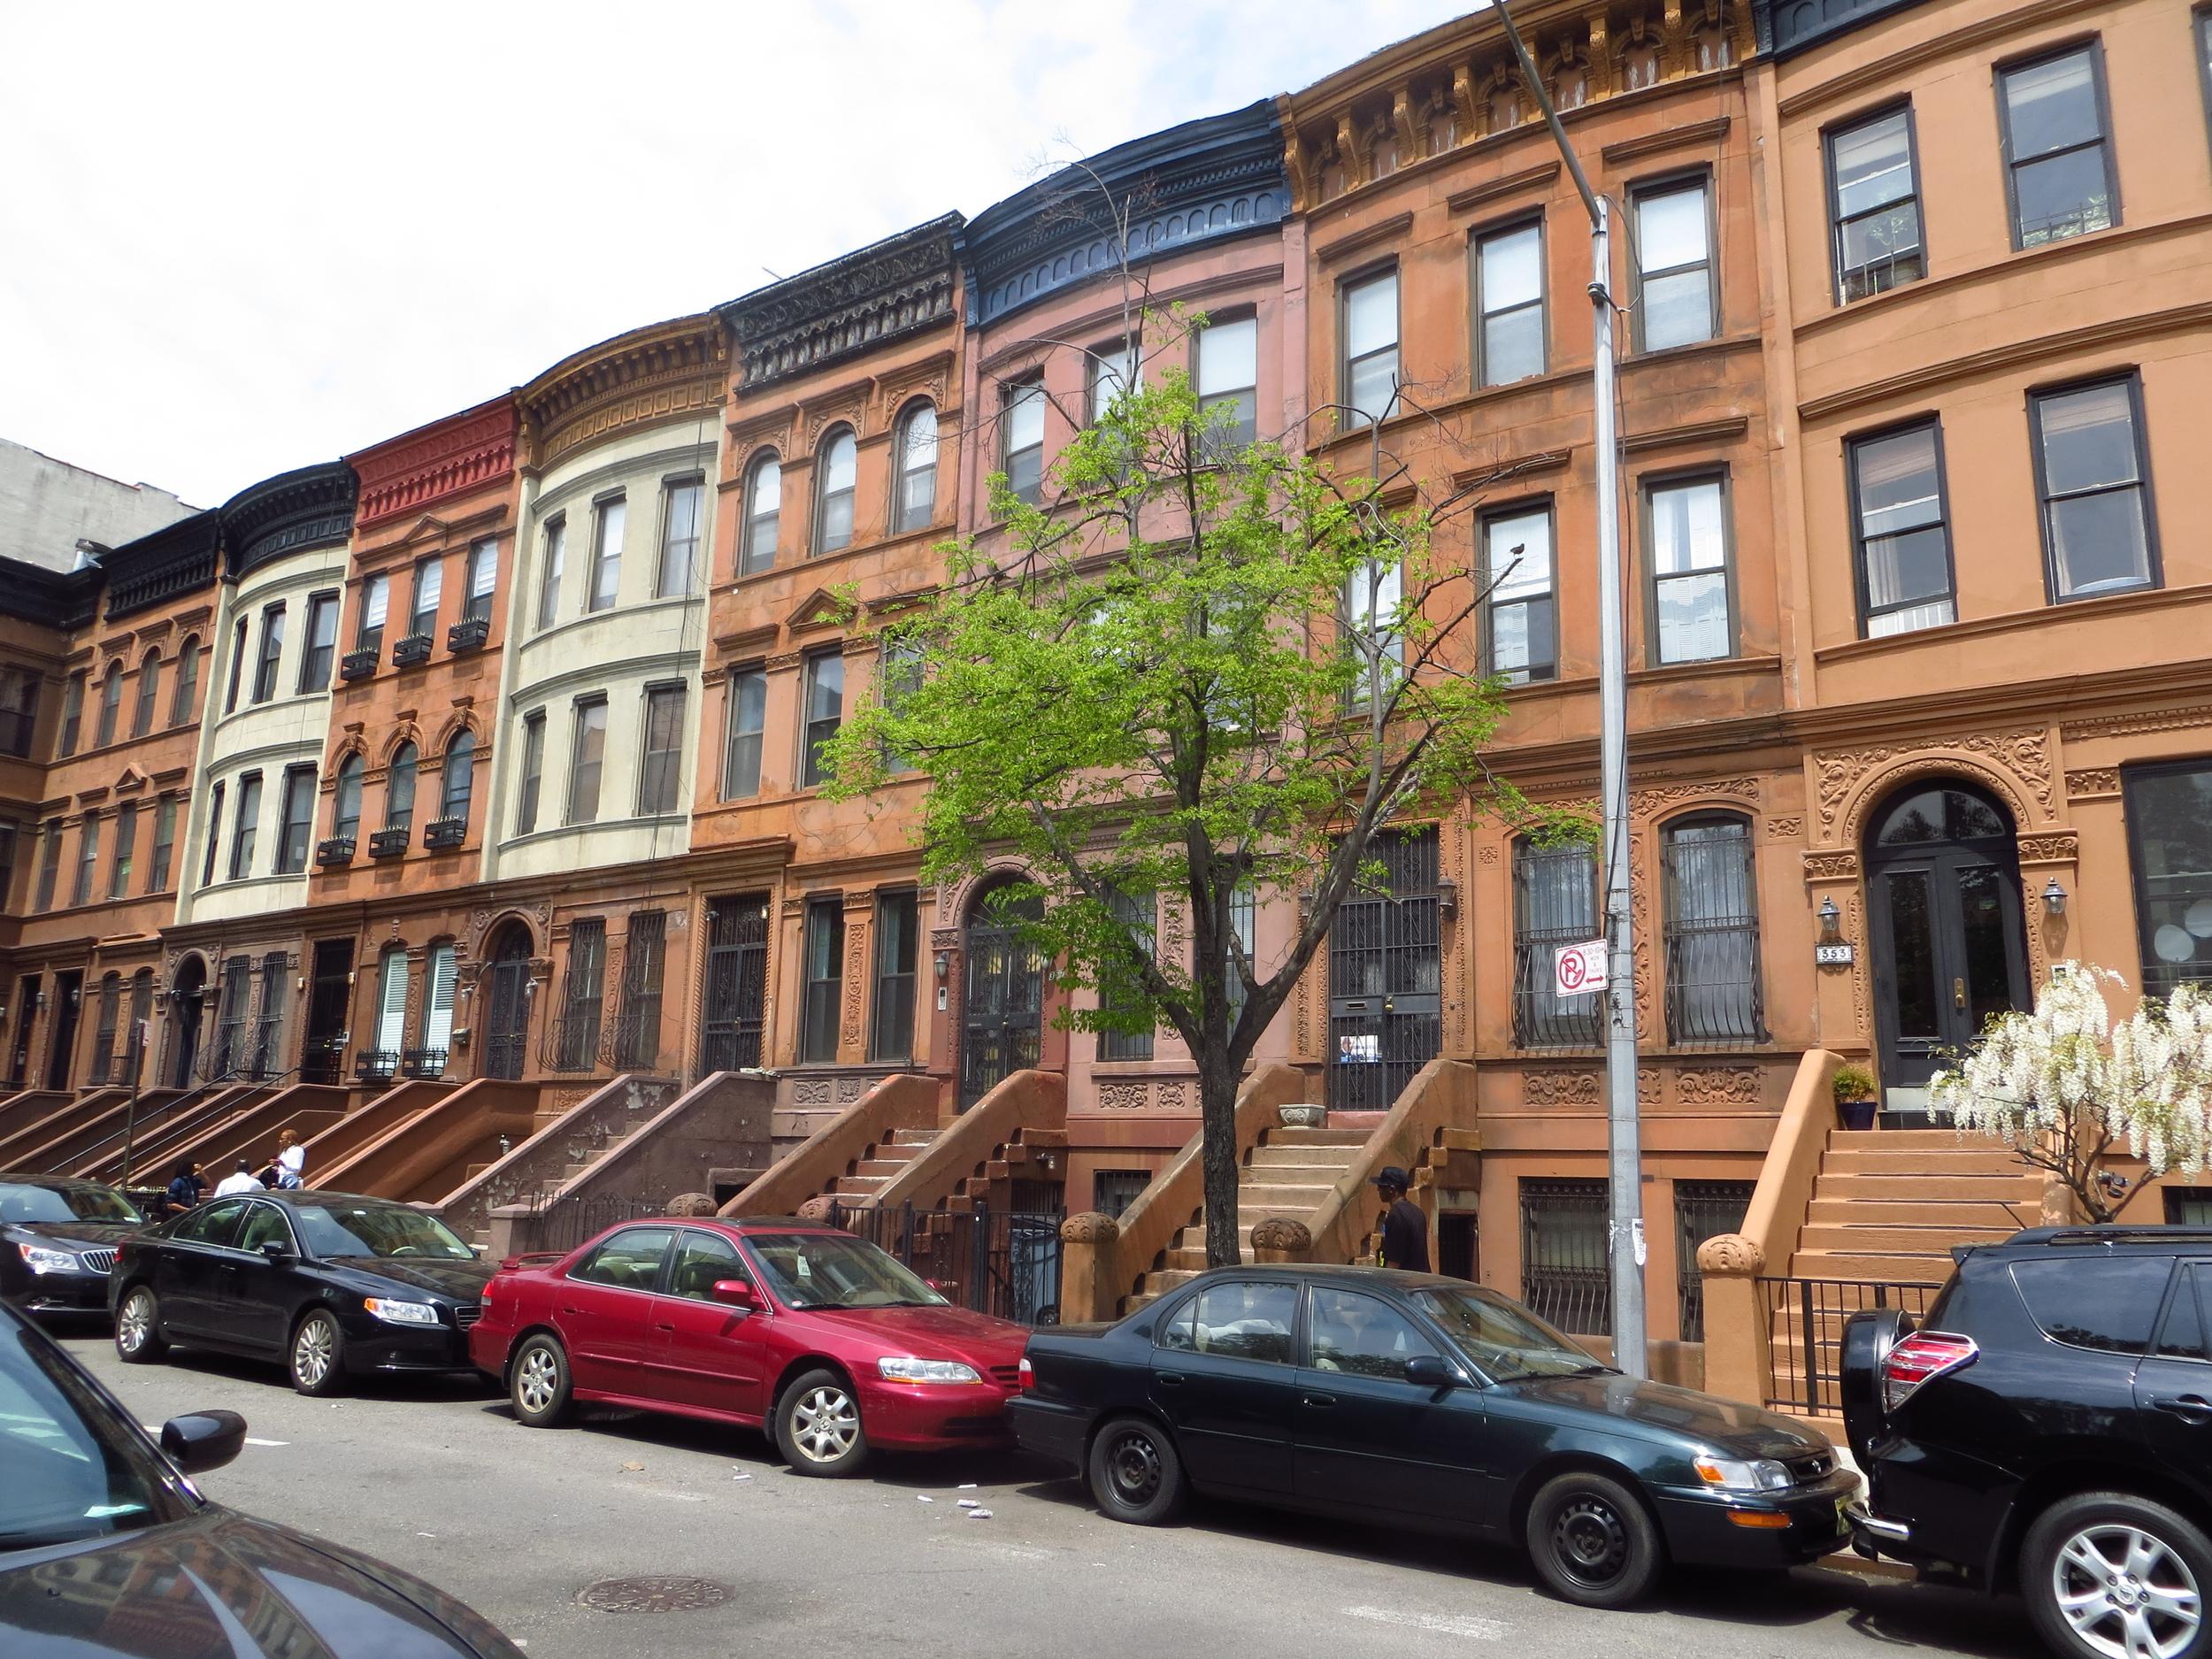 Still more Harlem brownstones